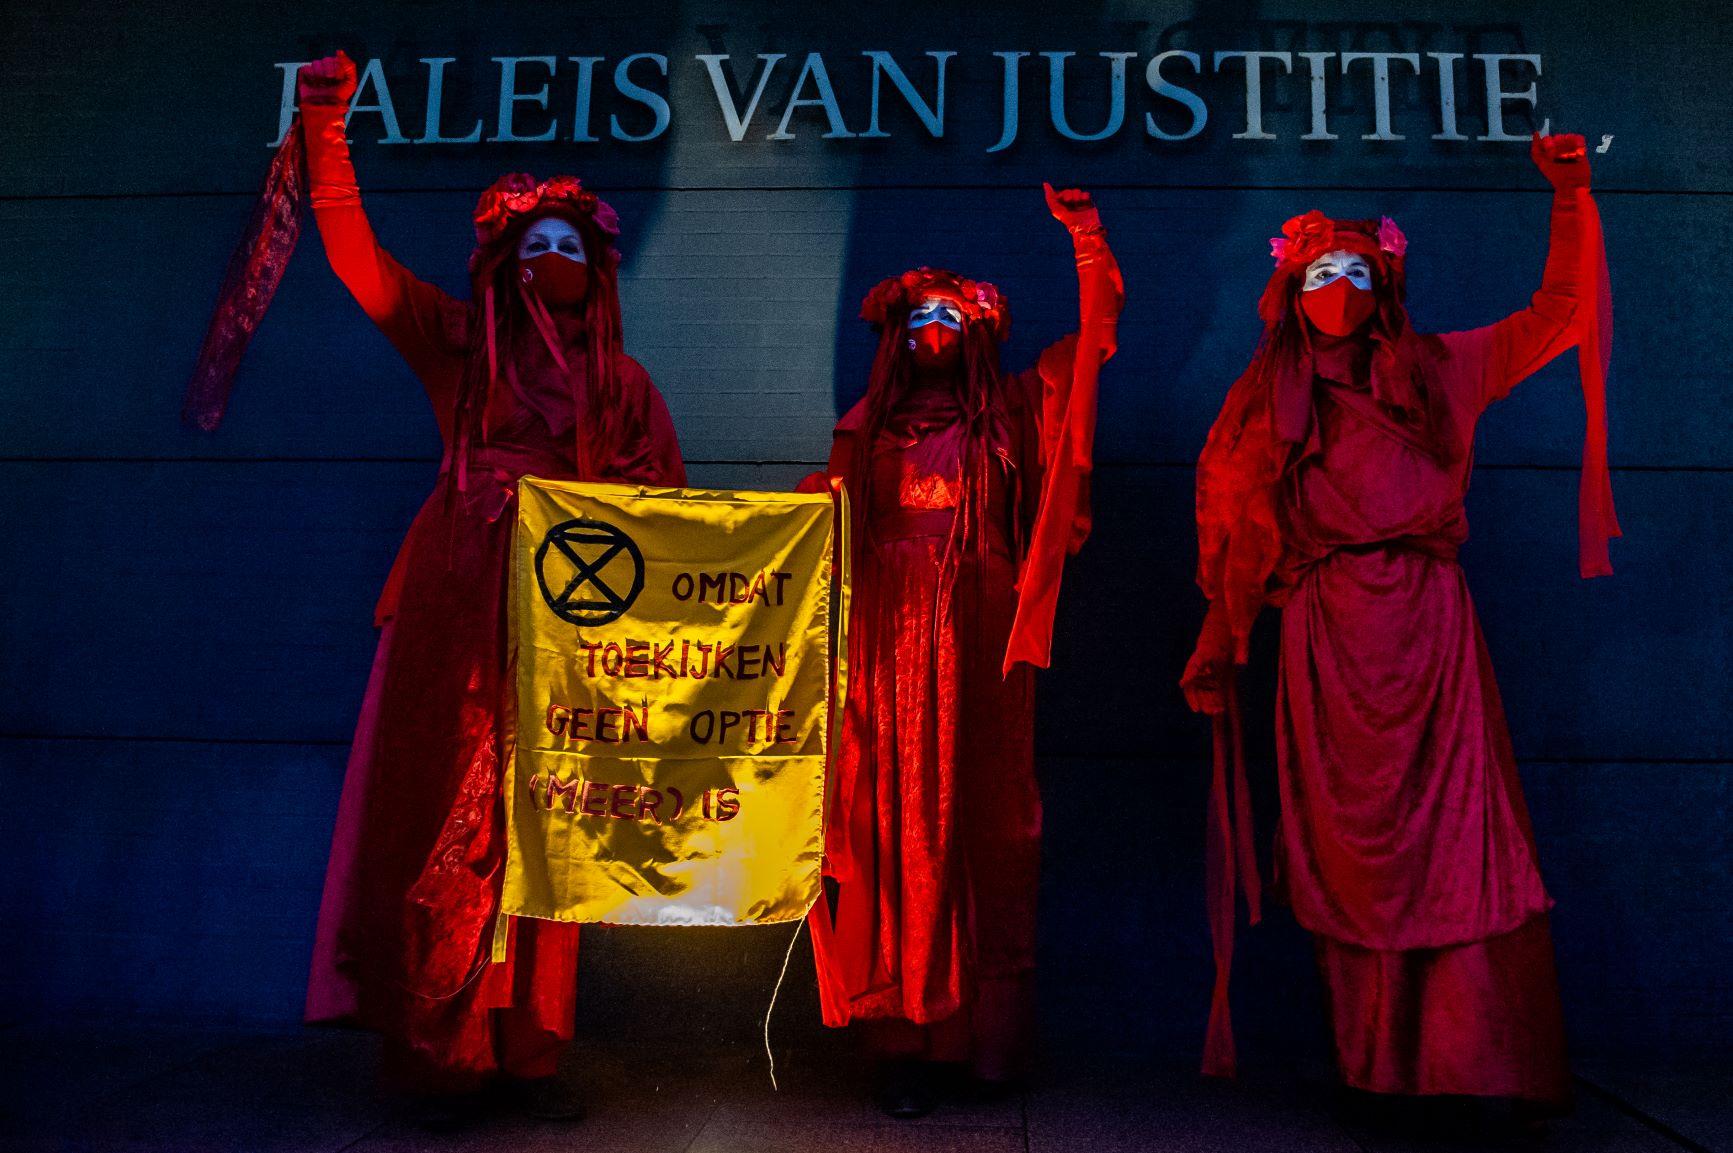 Manifestação em frente ao Palácio de Justiça de Haia no começo do julgamento do litígio climático contra Shell: empresa condenada a reduzir emissões em 40% (Foto: Romy Arroyo Fernandez / NurPhoto / AFP - 20/12/2021)